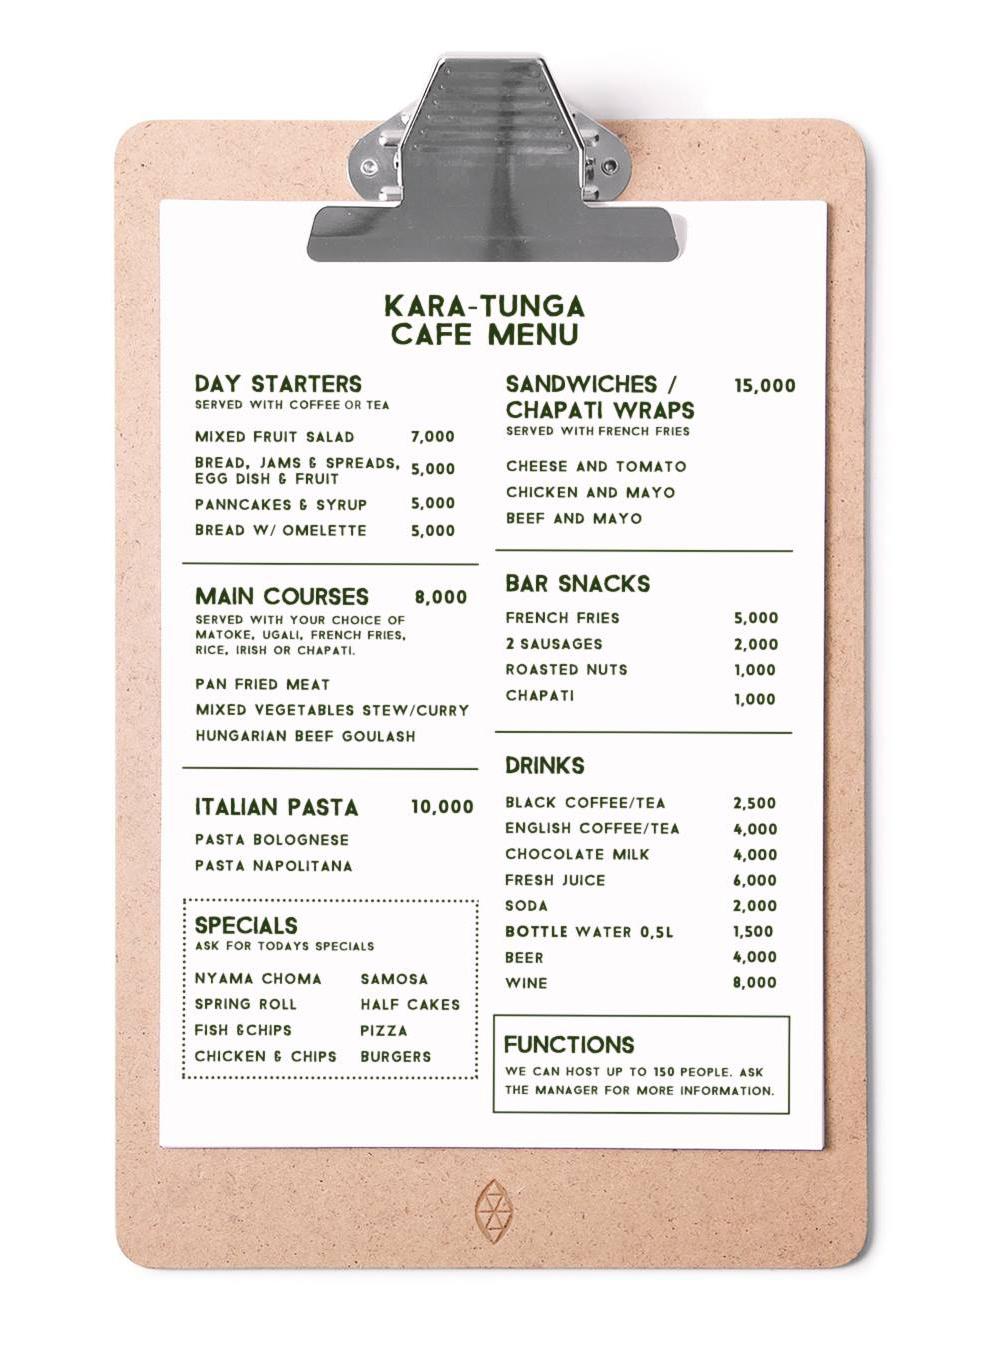 Kara-tunga-guetshouse-cafe-moroto-uganda-menu